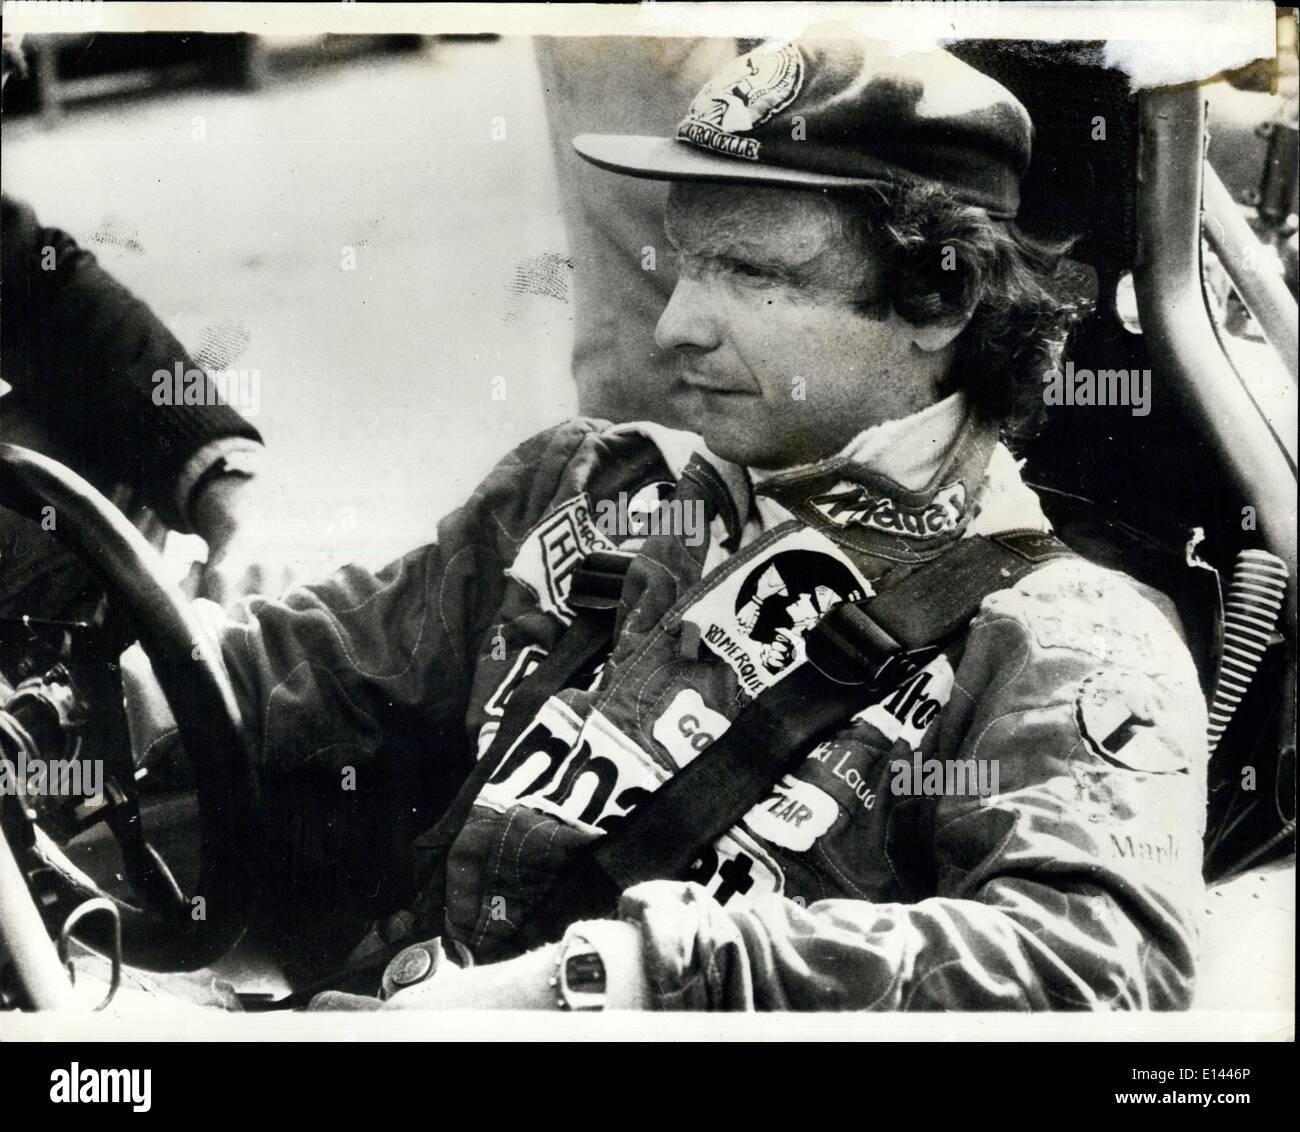 4. April 2012 - Welt Motor Racing Champion Niki Lauda testet Brabham-Alfa: Welt Motor Racing Champion Niki Lauda, der die Welt Motorsport-Titel mit dem Ferrari gewann hat jetzt das Brabham Racing Team beigetreten und war aus Test as neue Modell auf der '' Vallel''-Strecke vor dem Start der Formel 1 Weltmeisterschaften Anfang am Ende dieses Monats. Foto zeigt, dass Niki Lauda in der Brabham-Alfa bei Testfahrten auf der Rennstrecke Vallelunga Italien eingesetzt. Stockbild